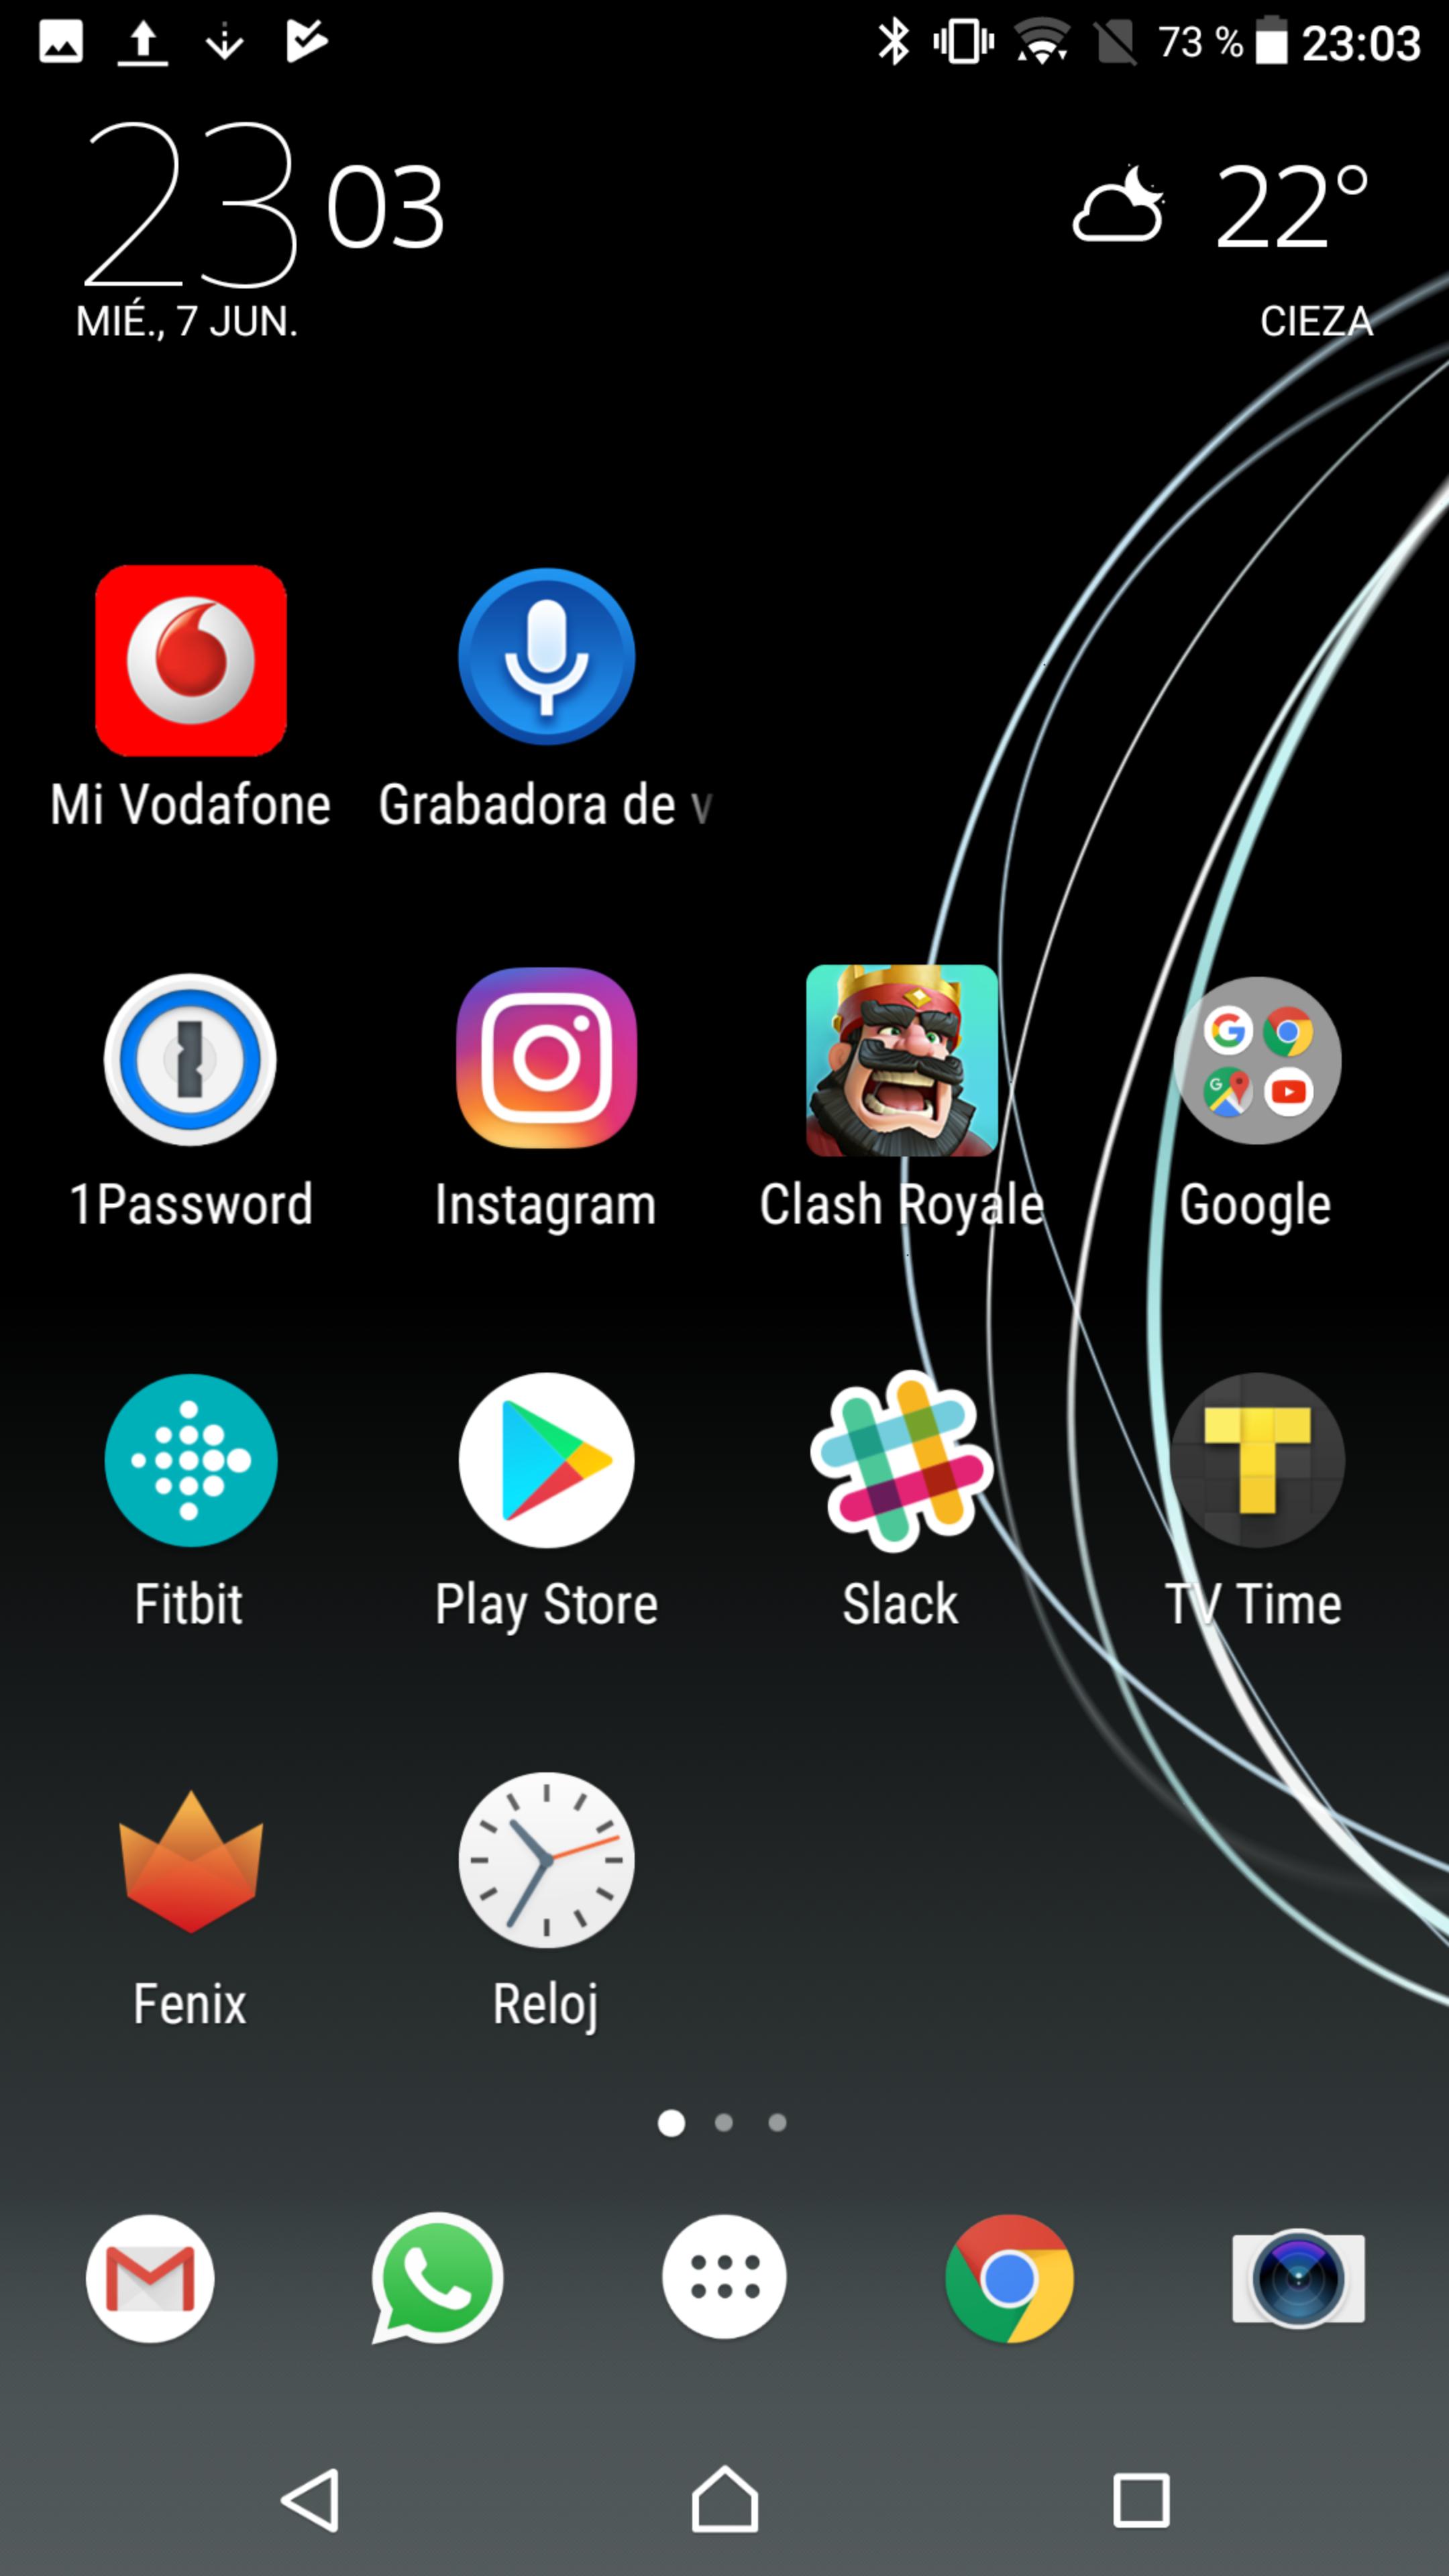 Xperia XZ Premium interfaz